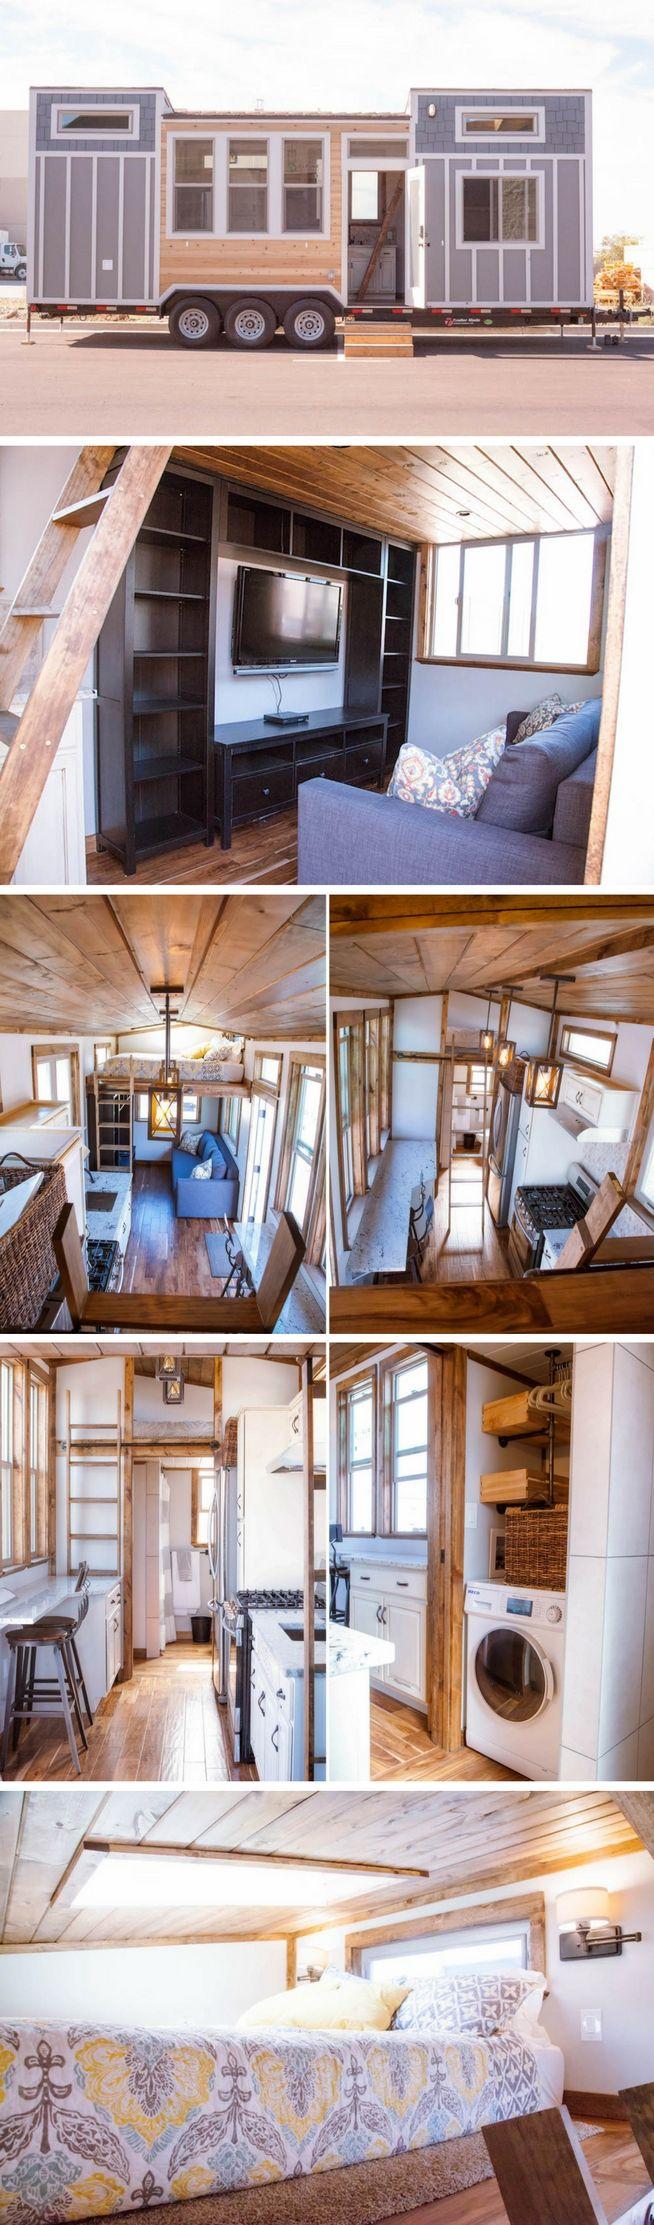 The Teton tiny house by Alpine Tiny Homes